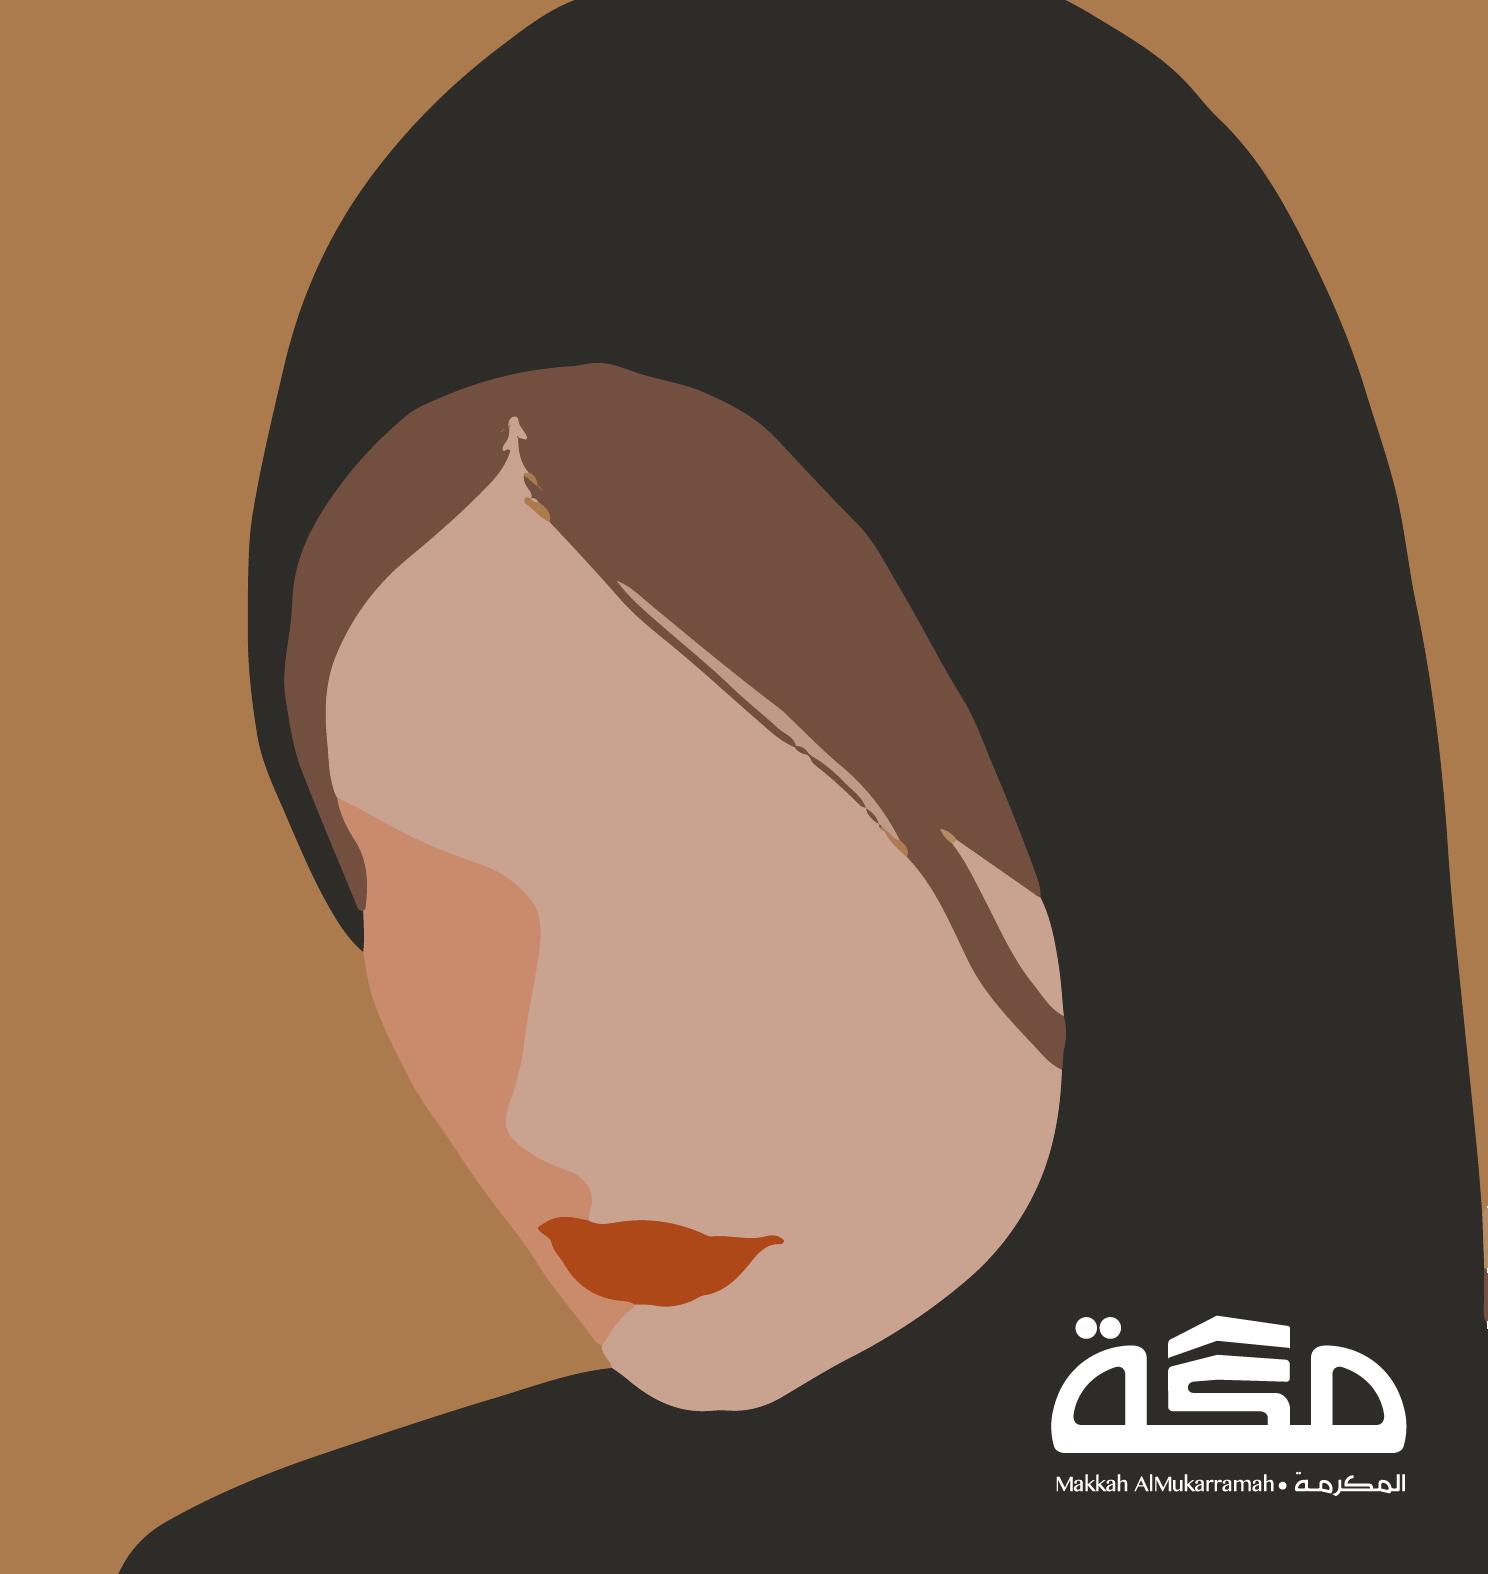 حنان سليمان الزنبقي